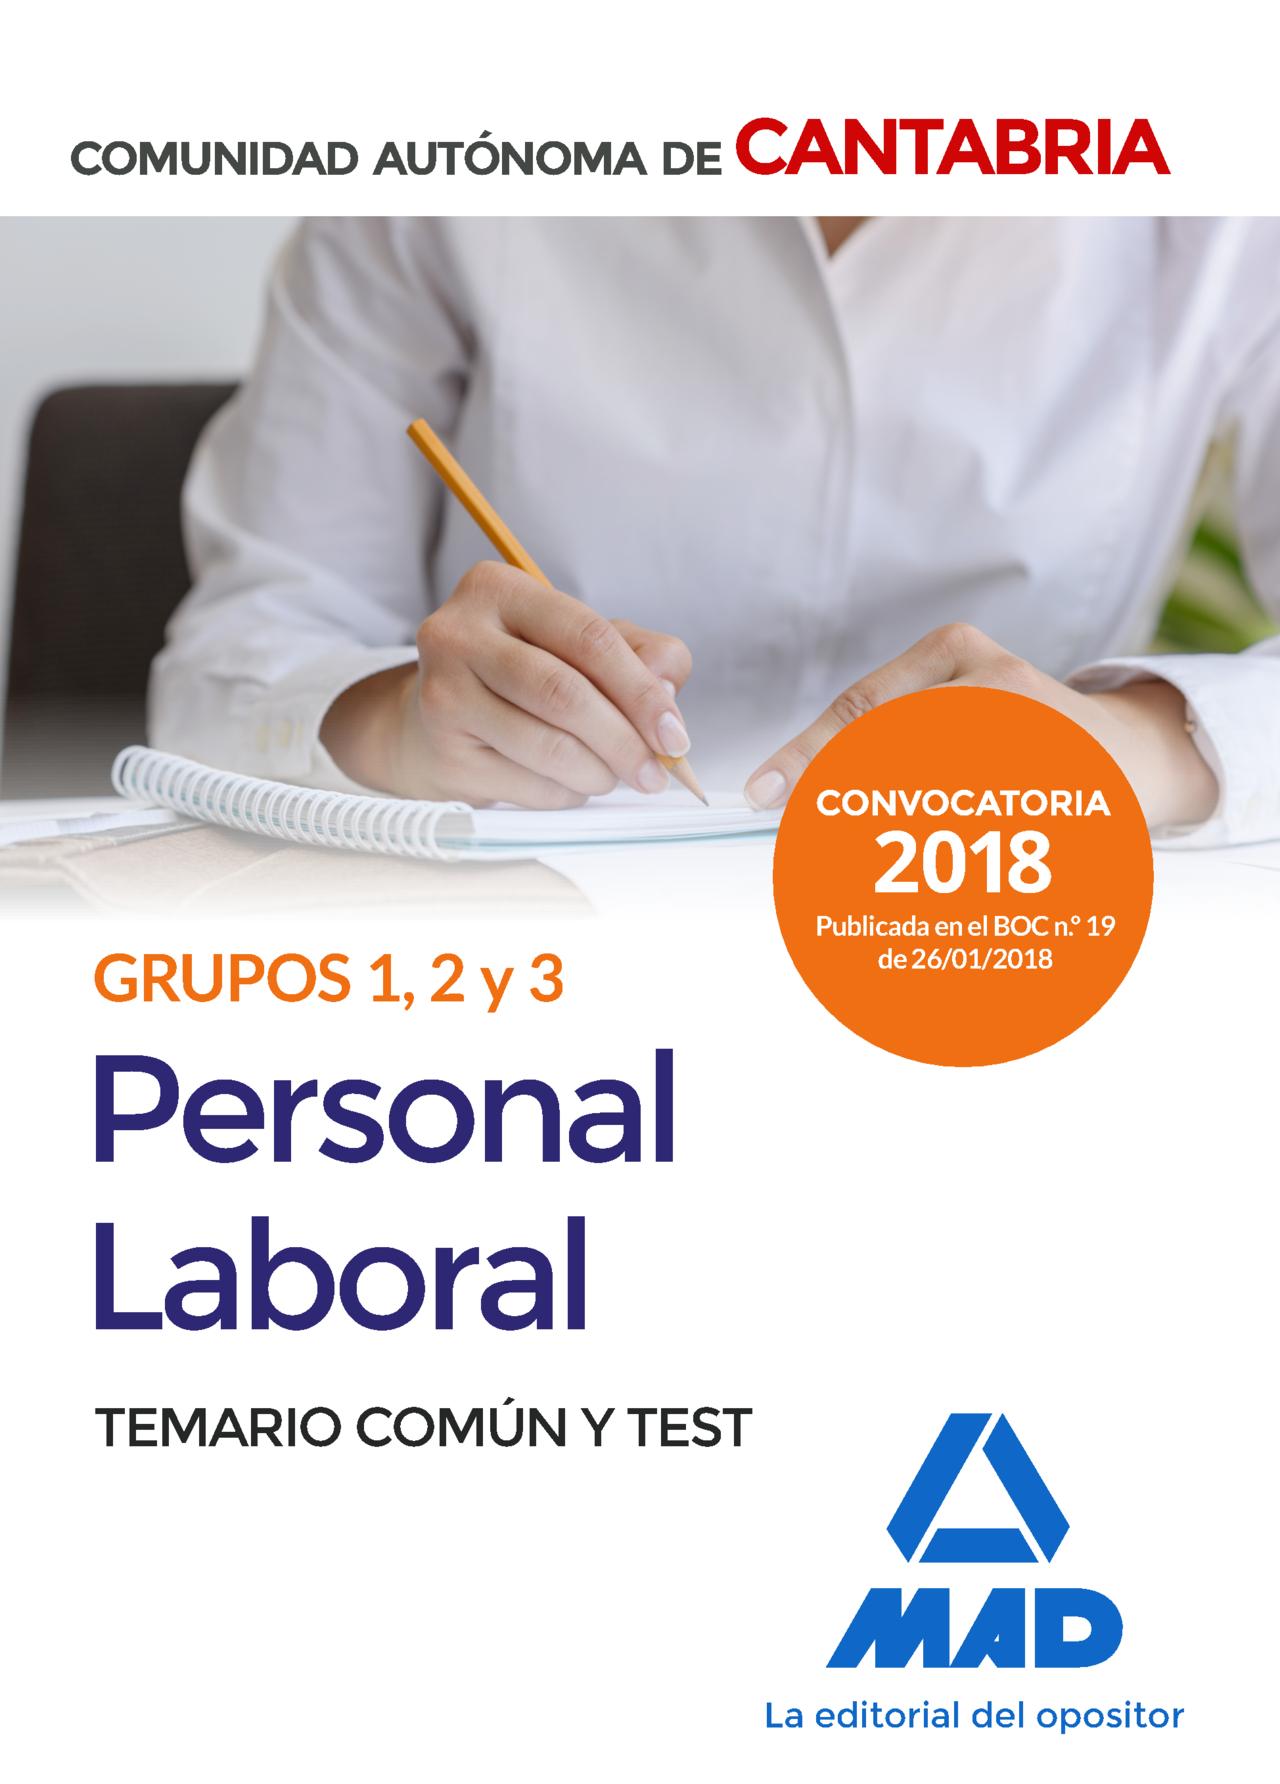 Personal Laboral De La Comunidad Autonoma De Cantabria Grupos 1, 2 Y 3. Temario Comun Y Test por Vv.aa.